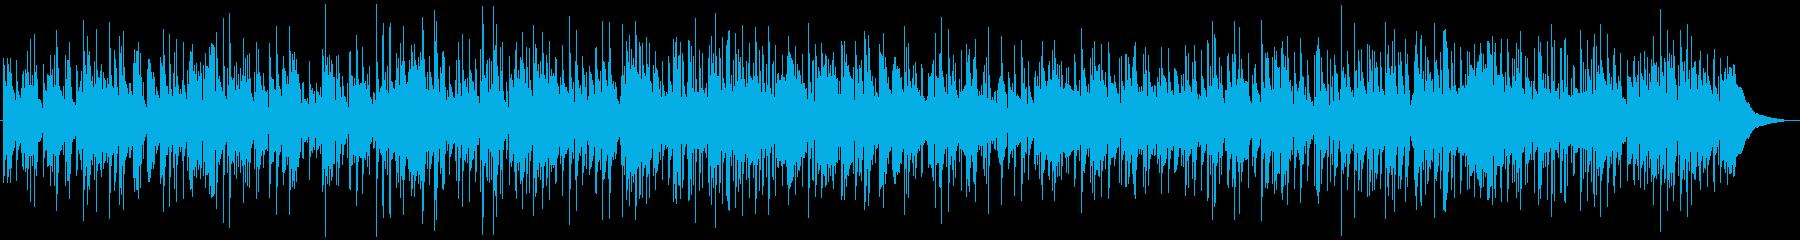 ほのぼのとしたピアノのカントリーバラードの再生済みの波形